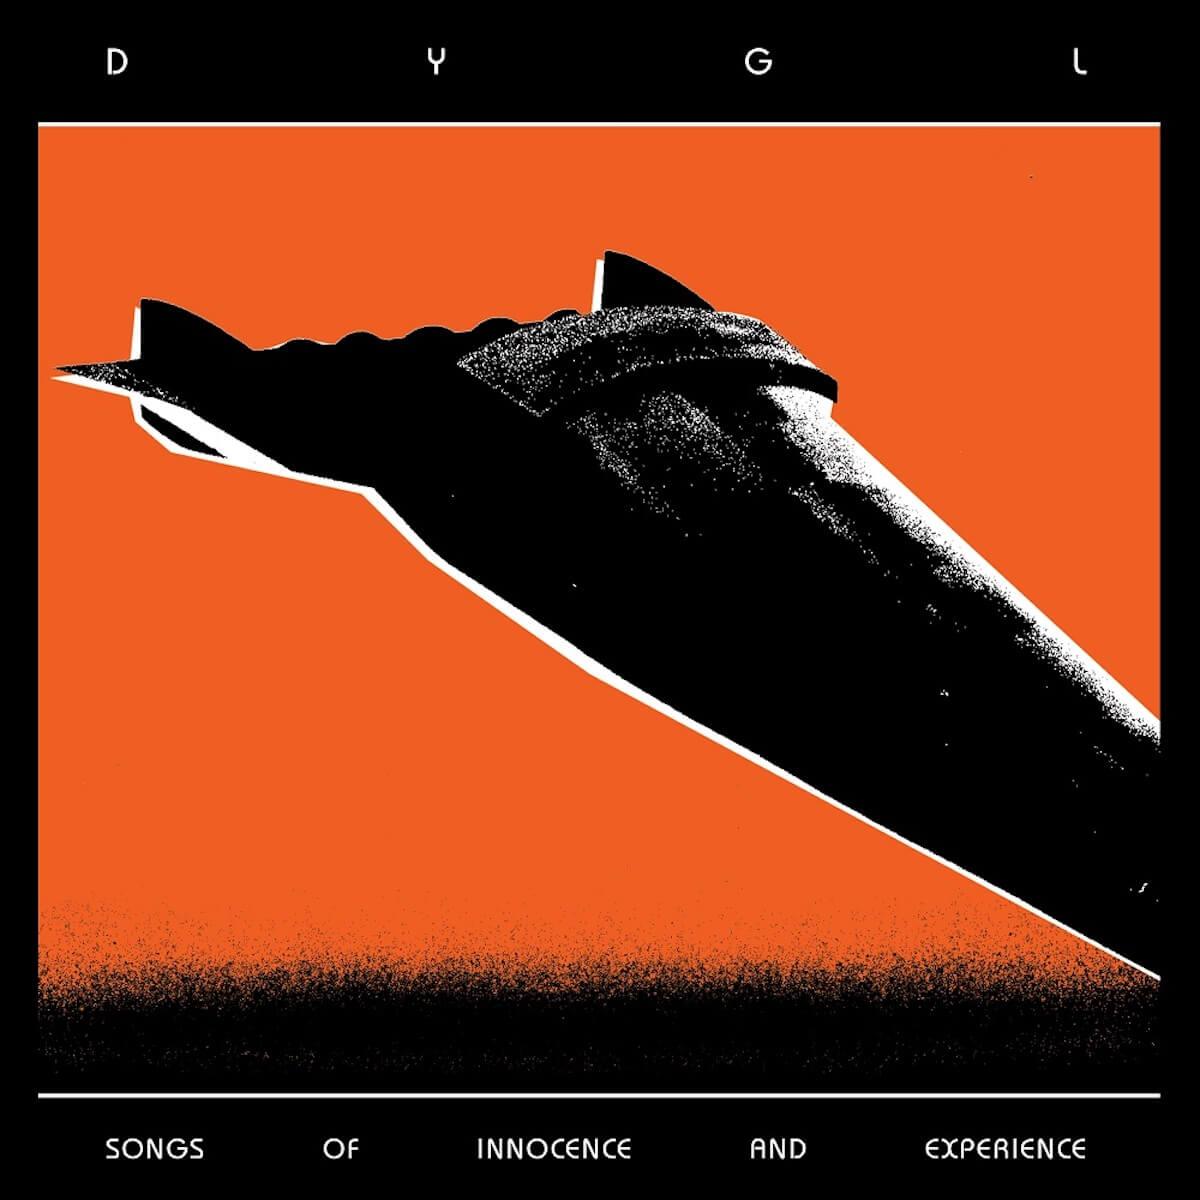 DYGL新作アルバム『Songs of Innocence & Experience』のジャケット写真公開&全曲フル尺視聴開始 music190510_dygl_1